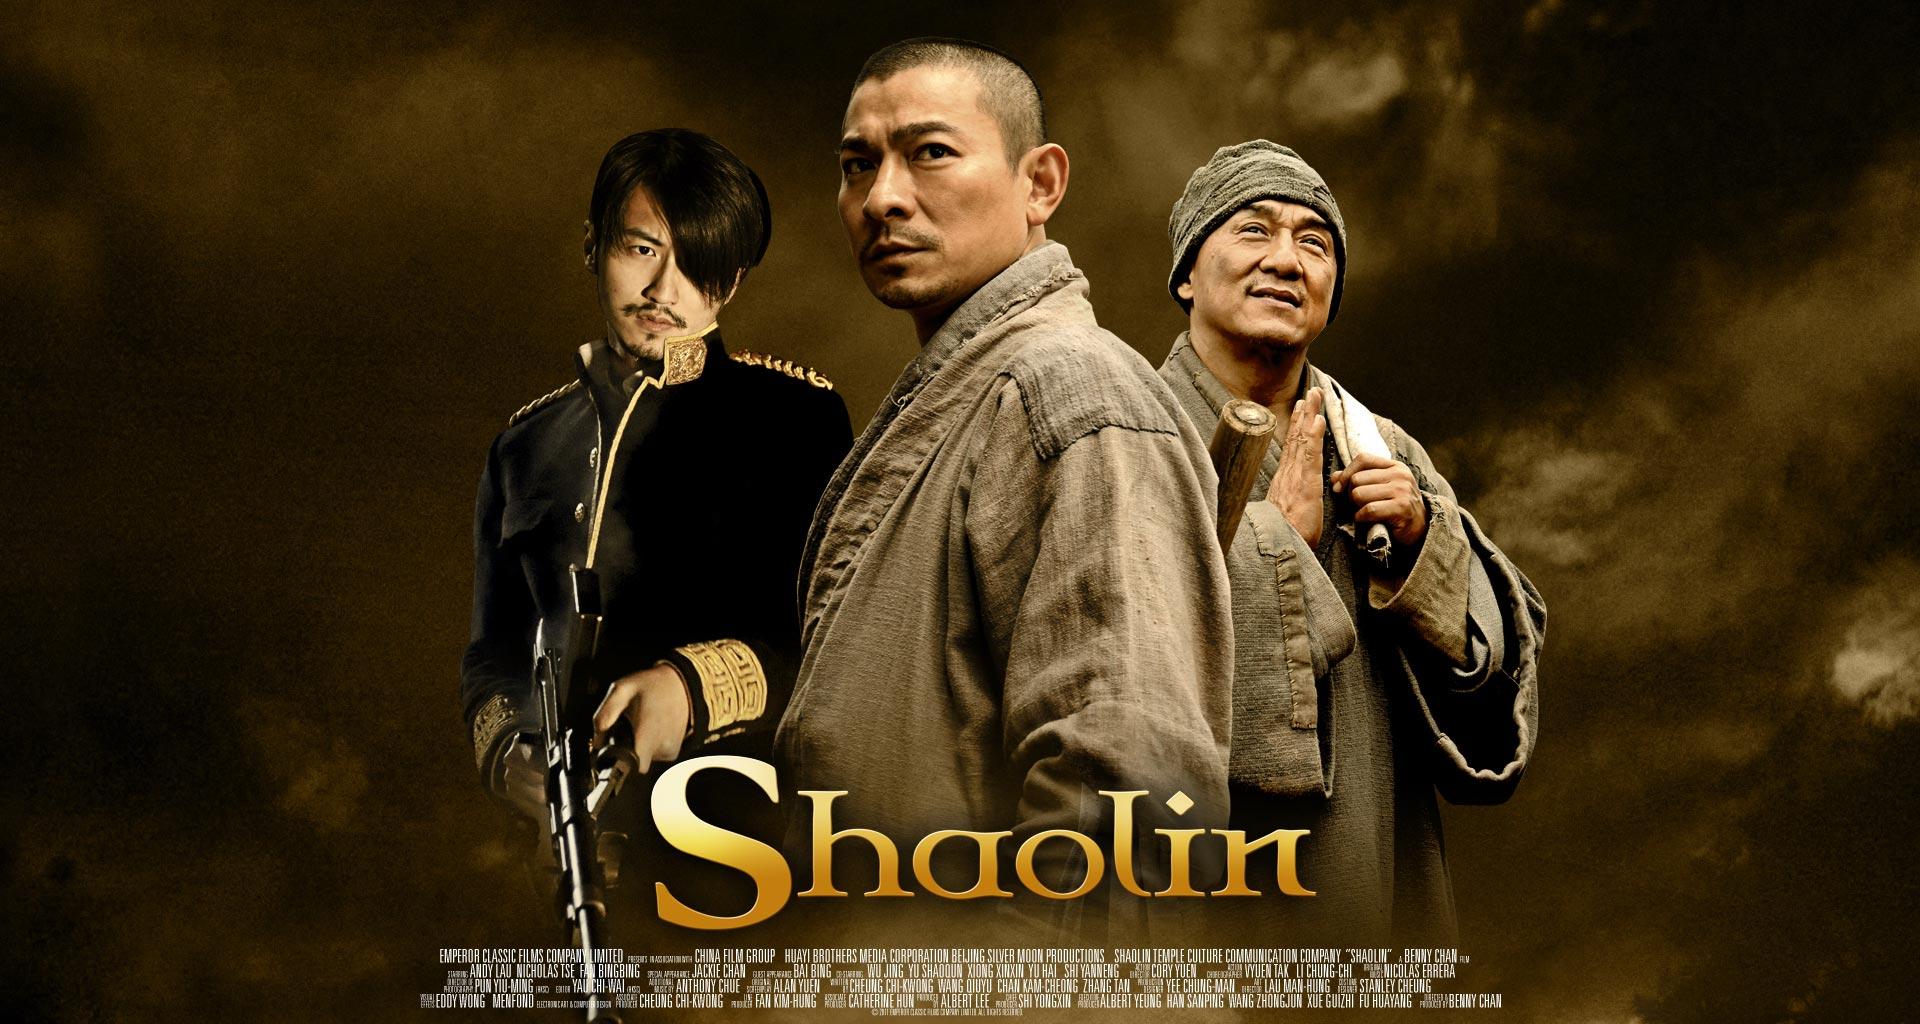 Shaolin movies